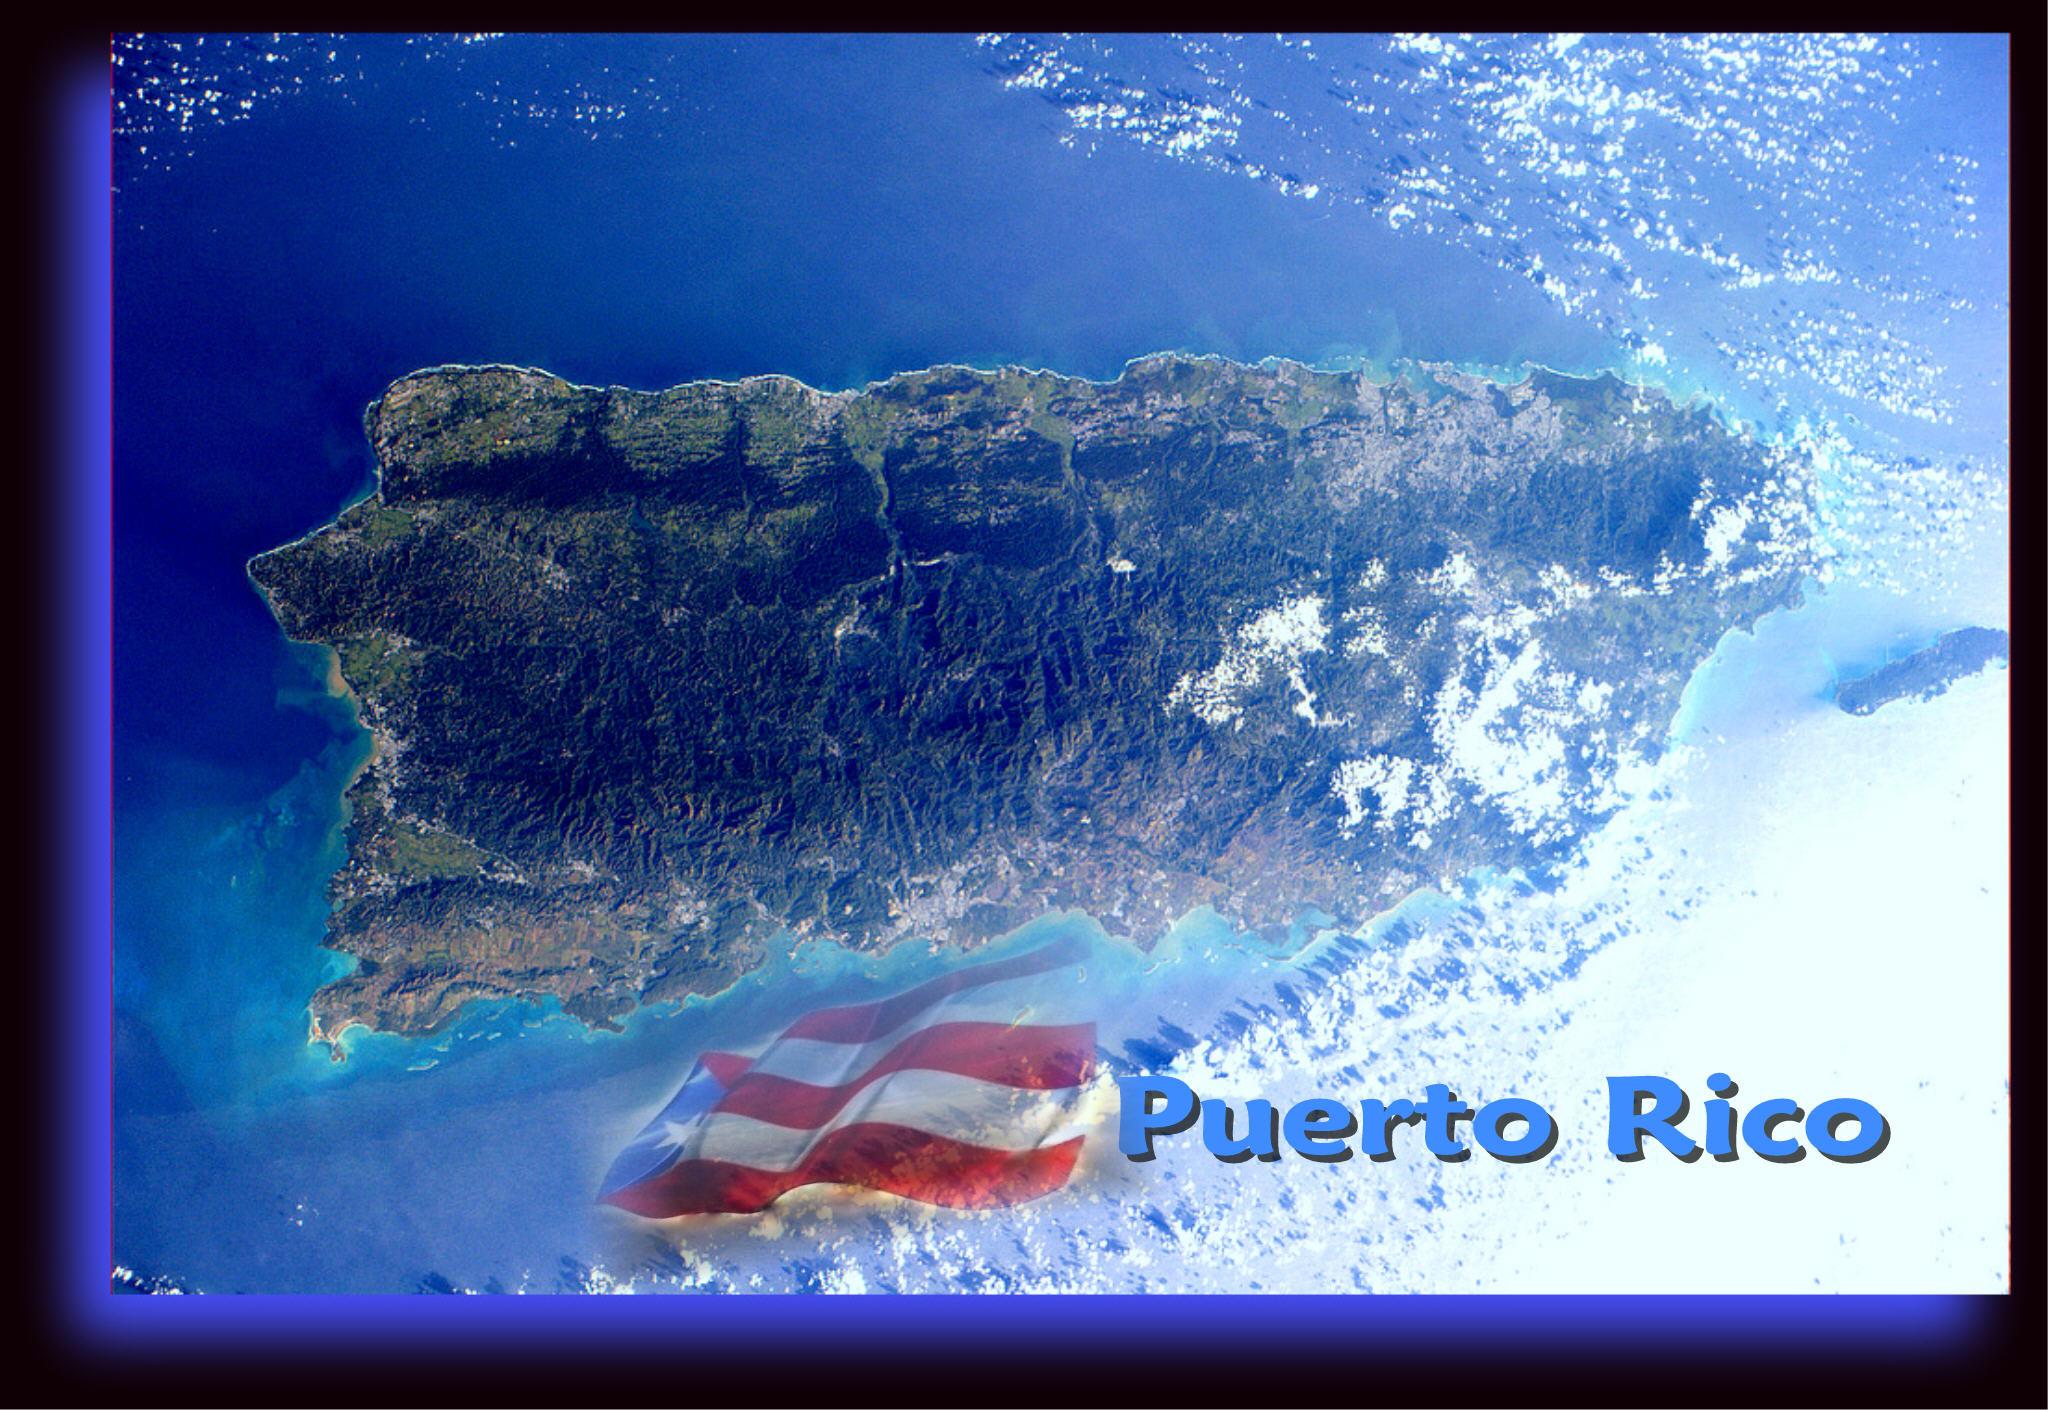 freeon wallon: Wallpaper Blog: puerto rico wallpaper